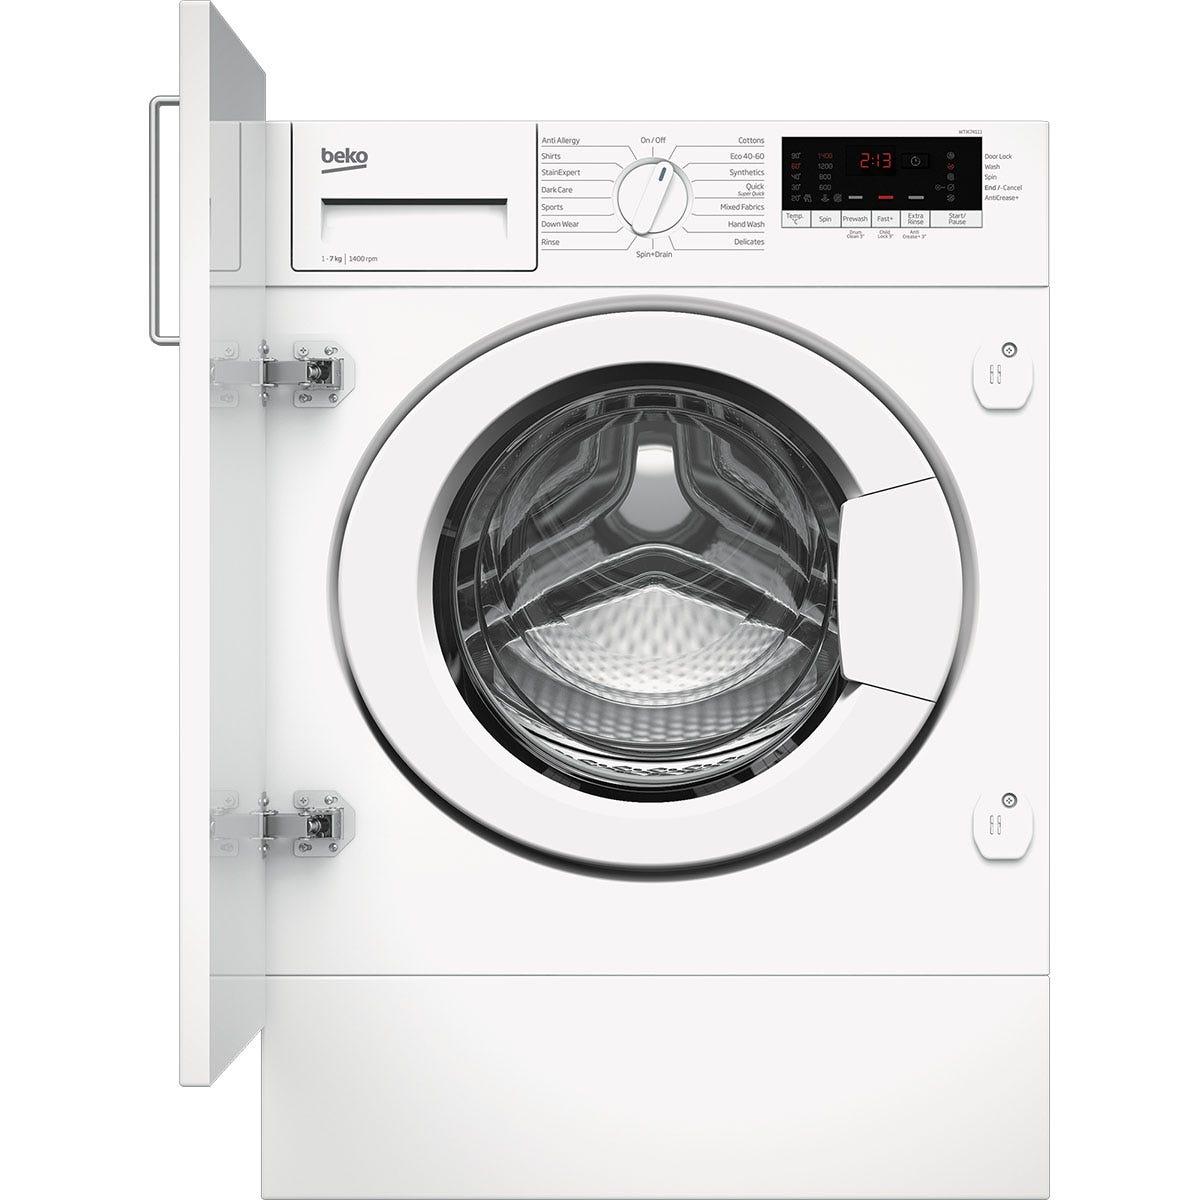 Beko WTIK74111 7kg 1400rpm Integrated Washing Machine - White